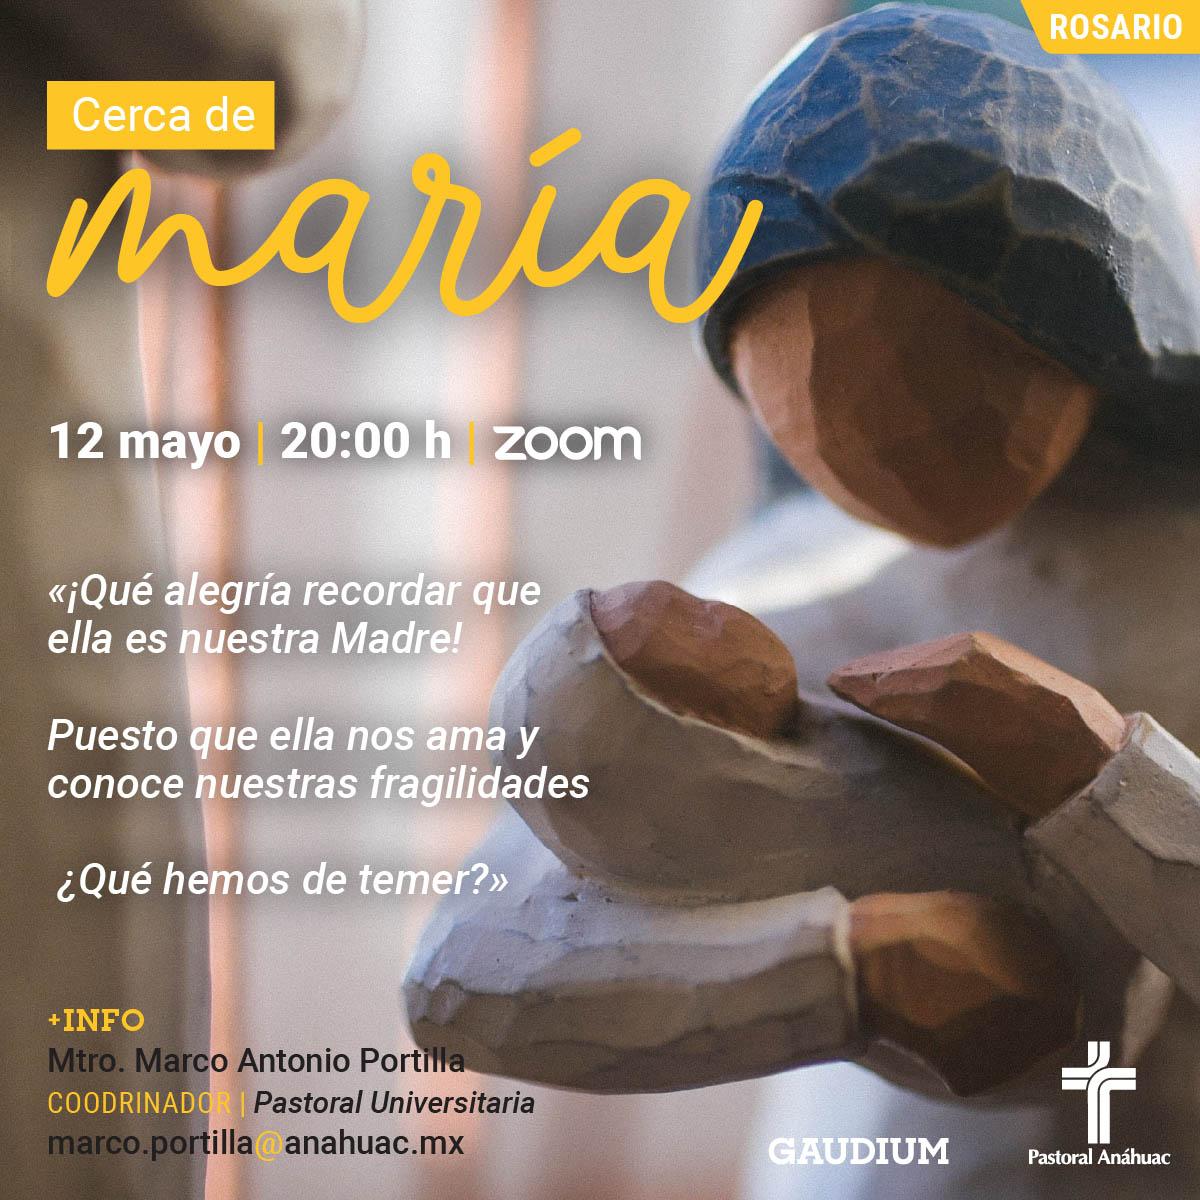 Cerca de María